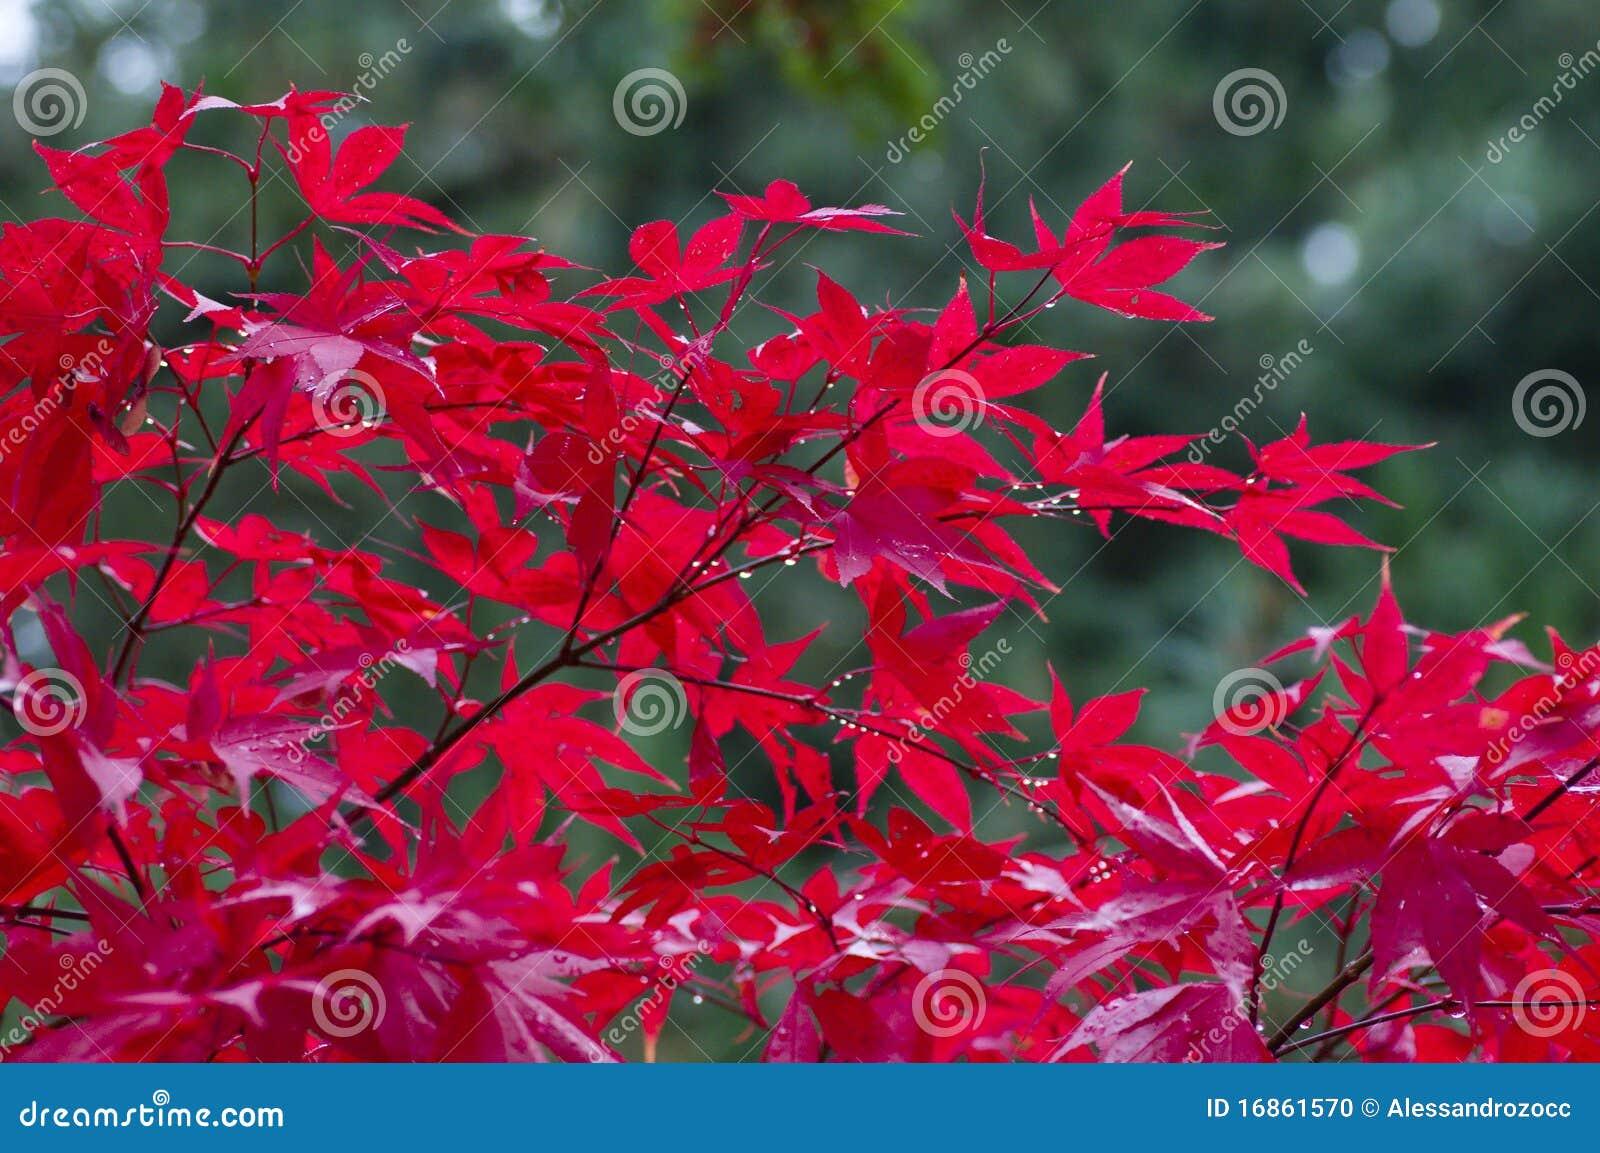 Albero di acero giapponese rosso fotografia stock for Acero rosso giapponese